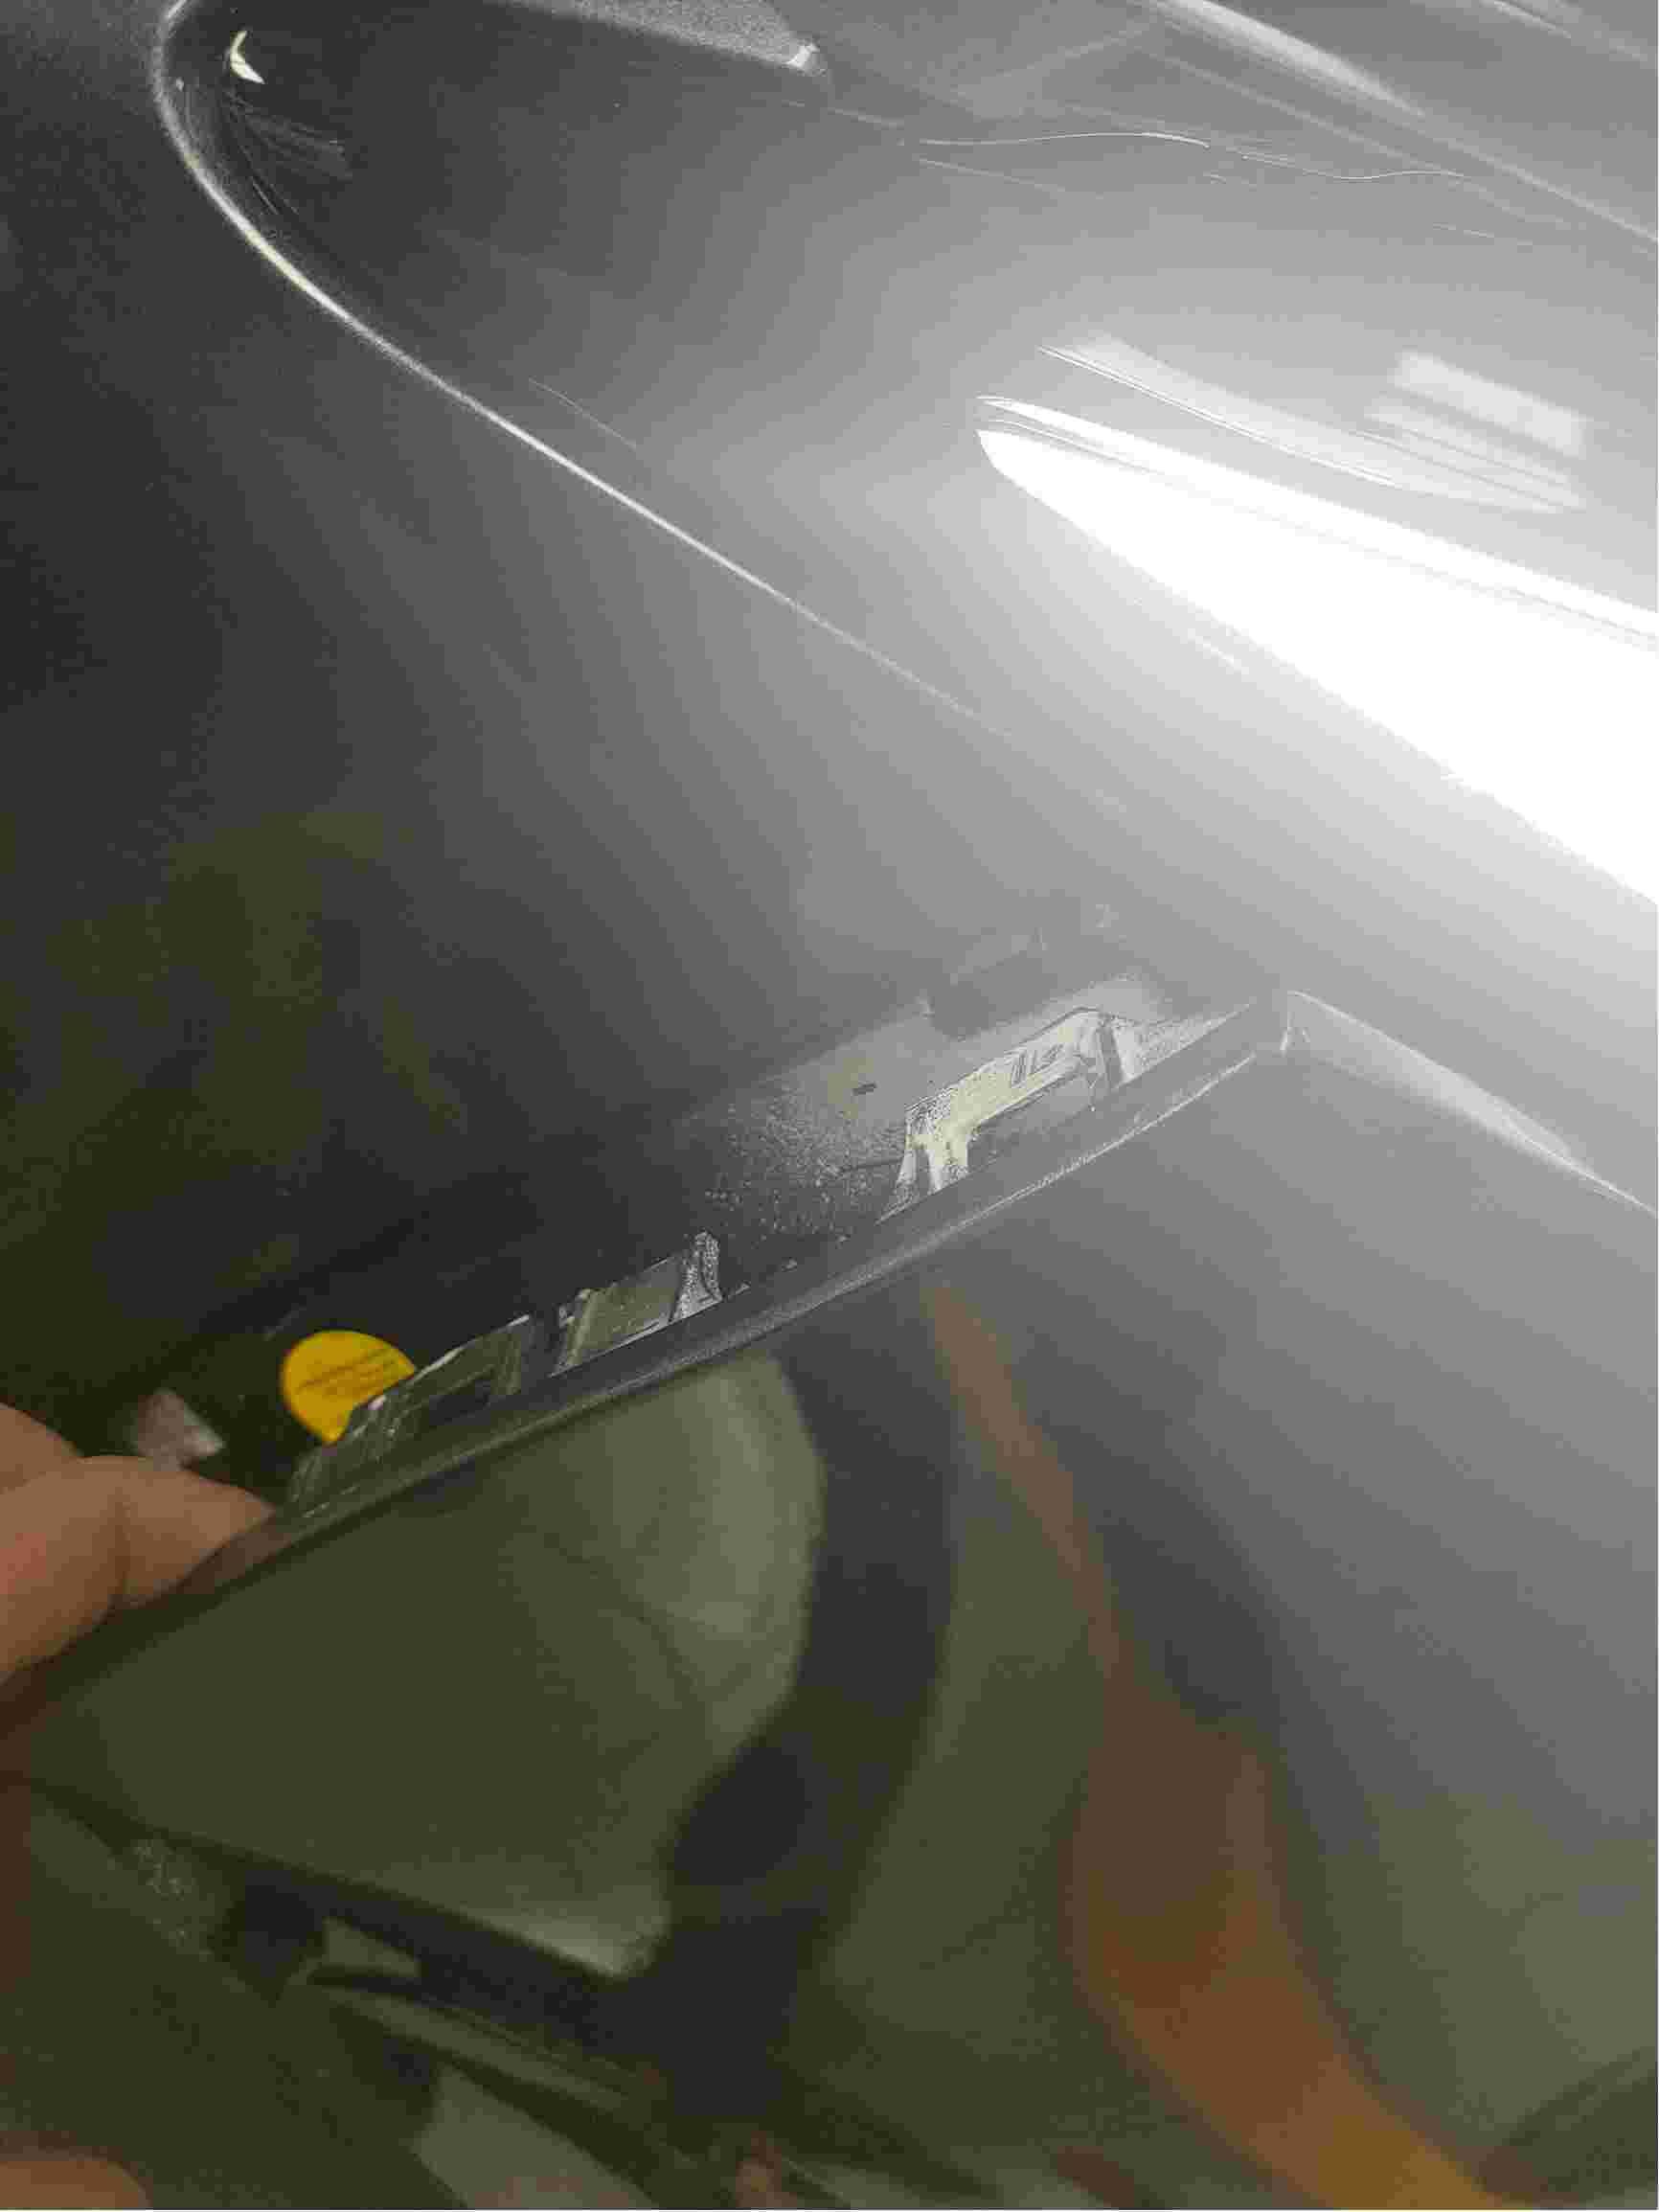 车出售前有小划痕进行过抛光打蜡销售 购车人不知情